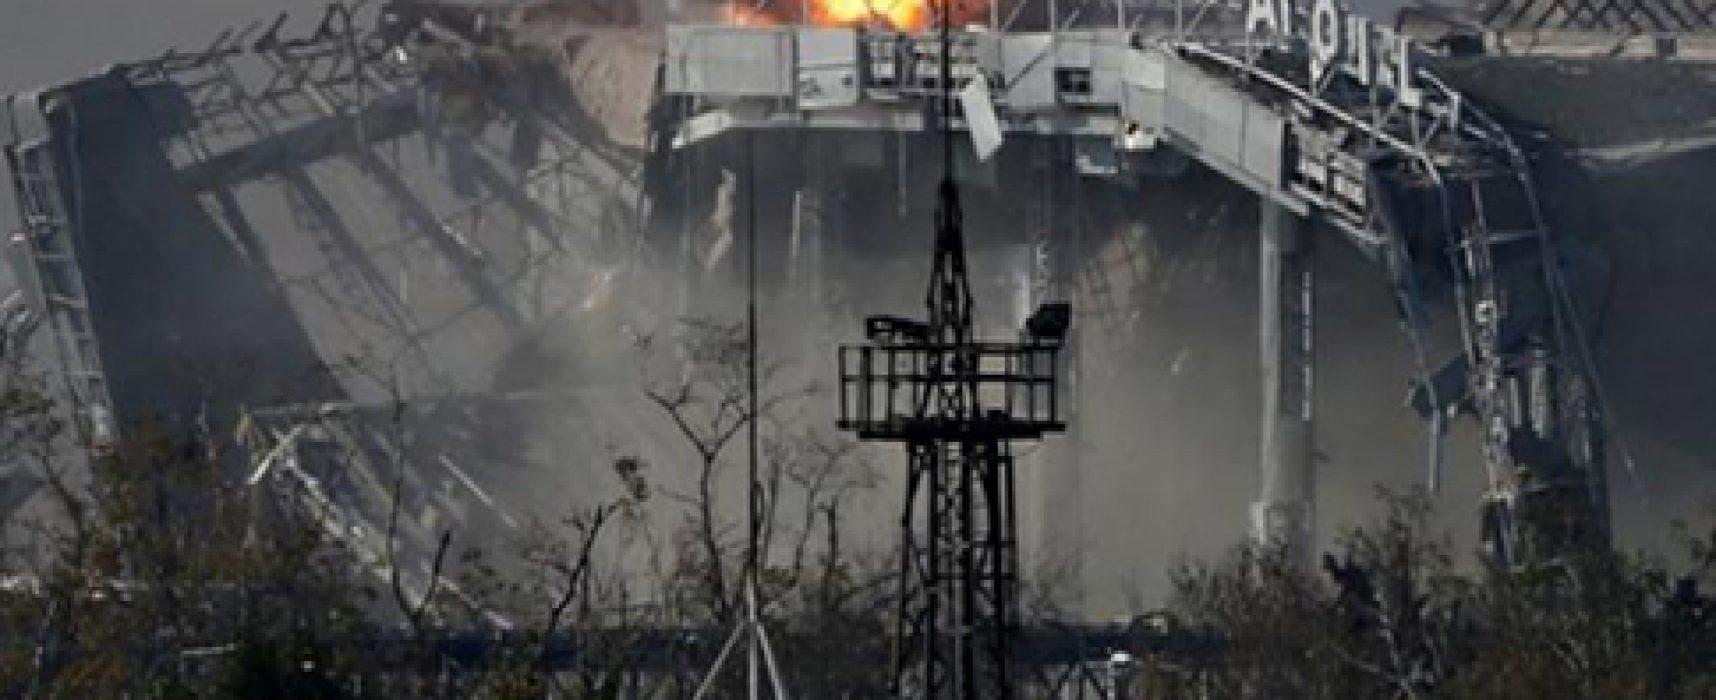 США издали пособие по военному противодействию РФ на основе событий в Украине